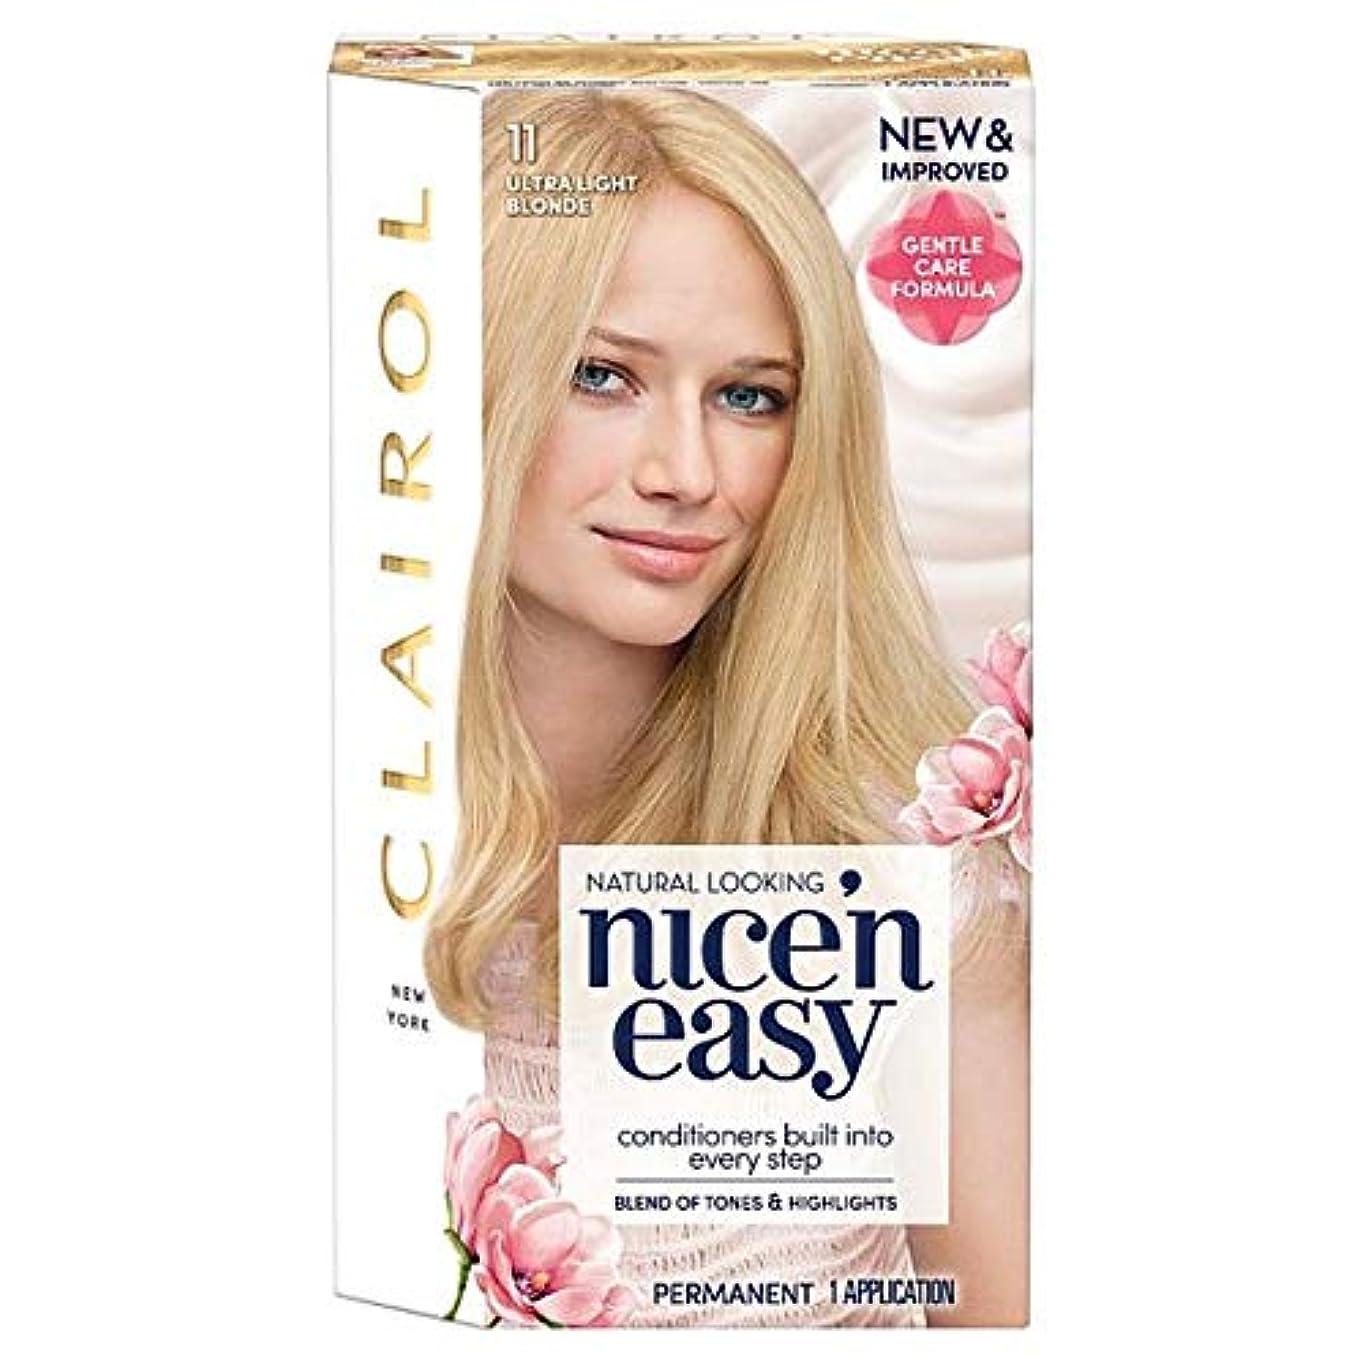 関係ないポゴスティックジャンプマウンド[Nice'n Easy] クレイロール素敵な「N簡単超軽量ブロンド11ヘアダイ - Clairol Nice 'N Easy Ultra Light Blonde 11 Hair Dye [並行輸入品]